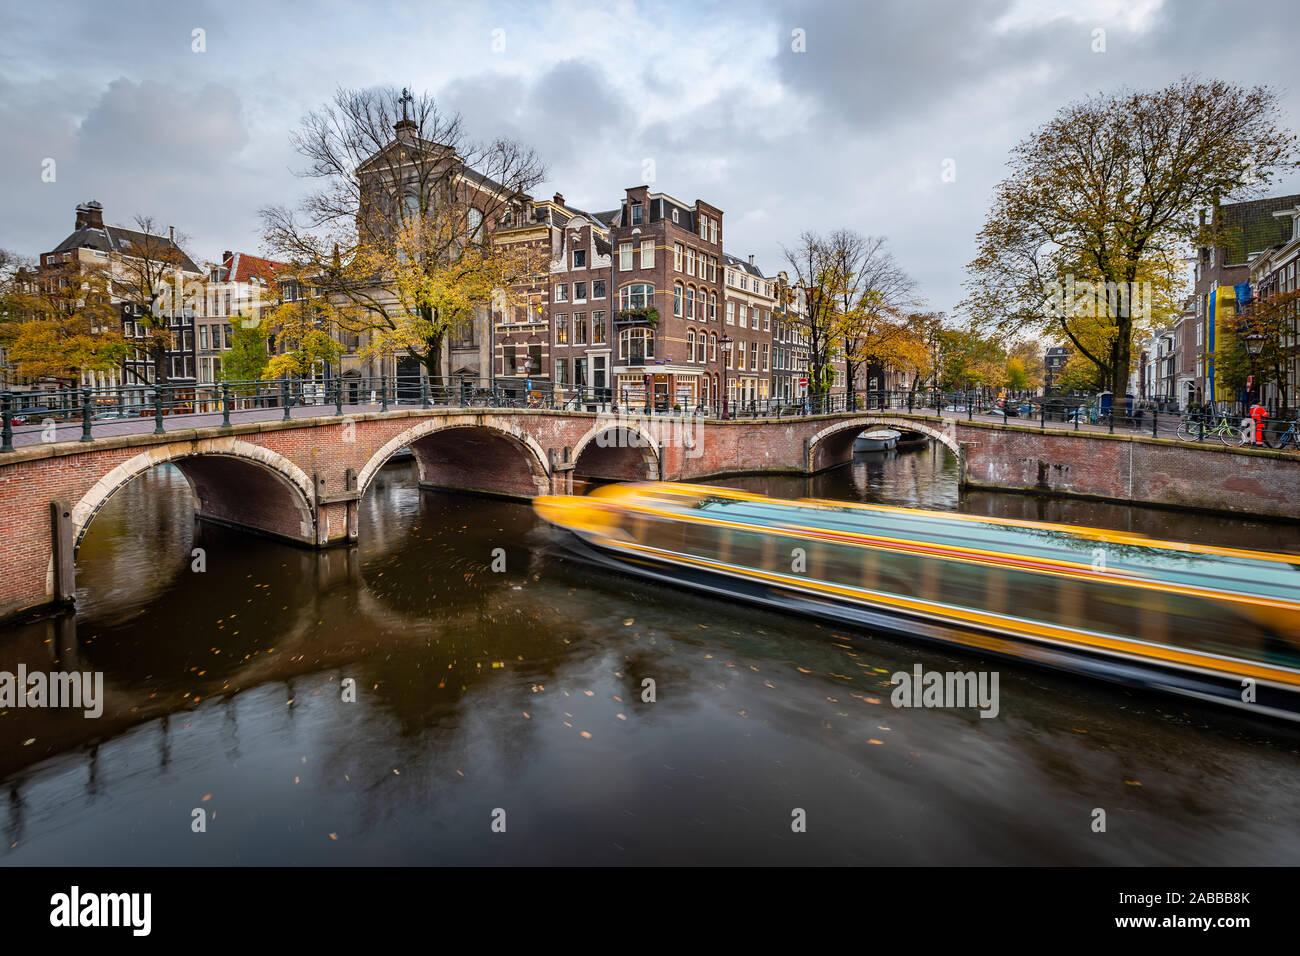 Vue de nuit Amterdam cityscape avec canal, pont et maisons de la cité médiévale dans le crépuscule du soir allumé. Amsterdam, Pays-Bas Banque D'Images